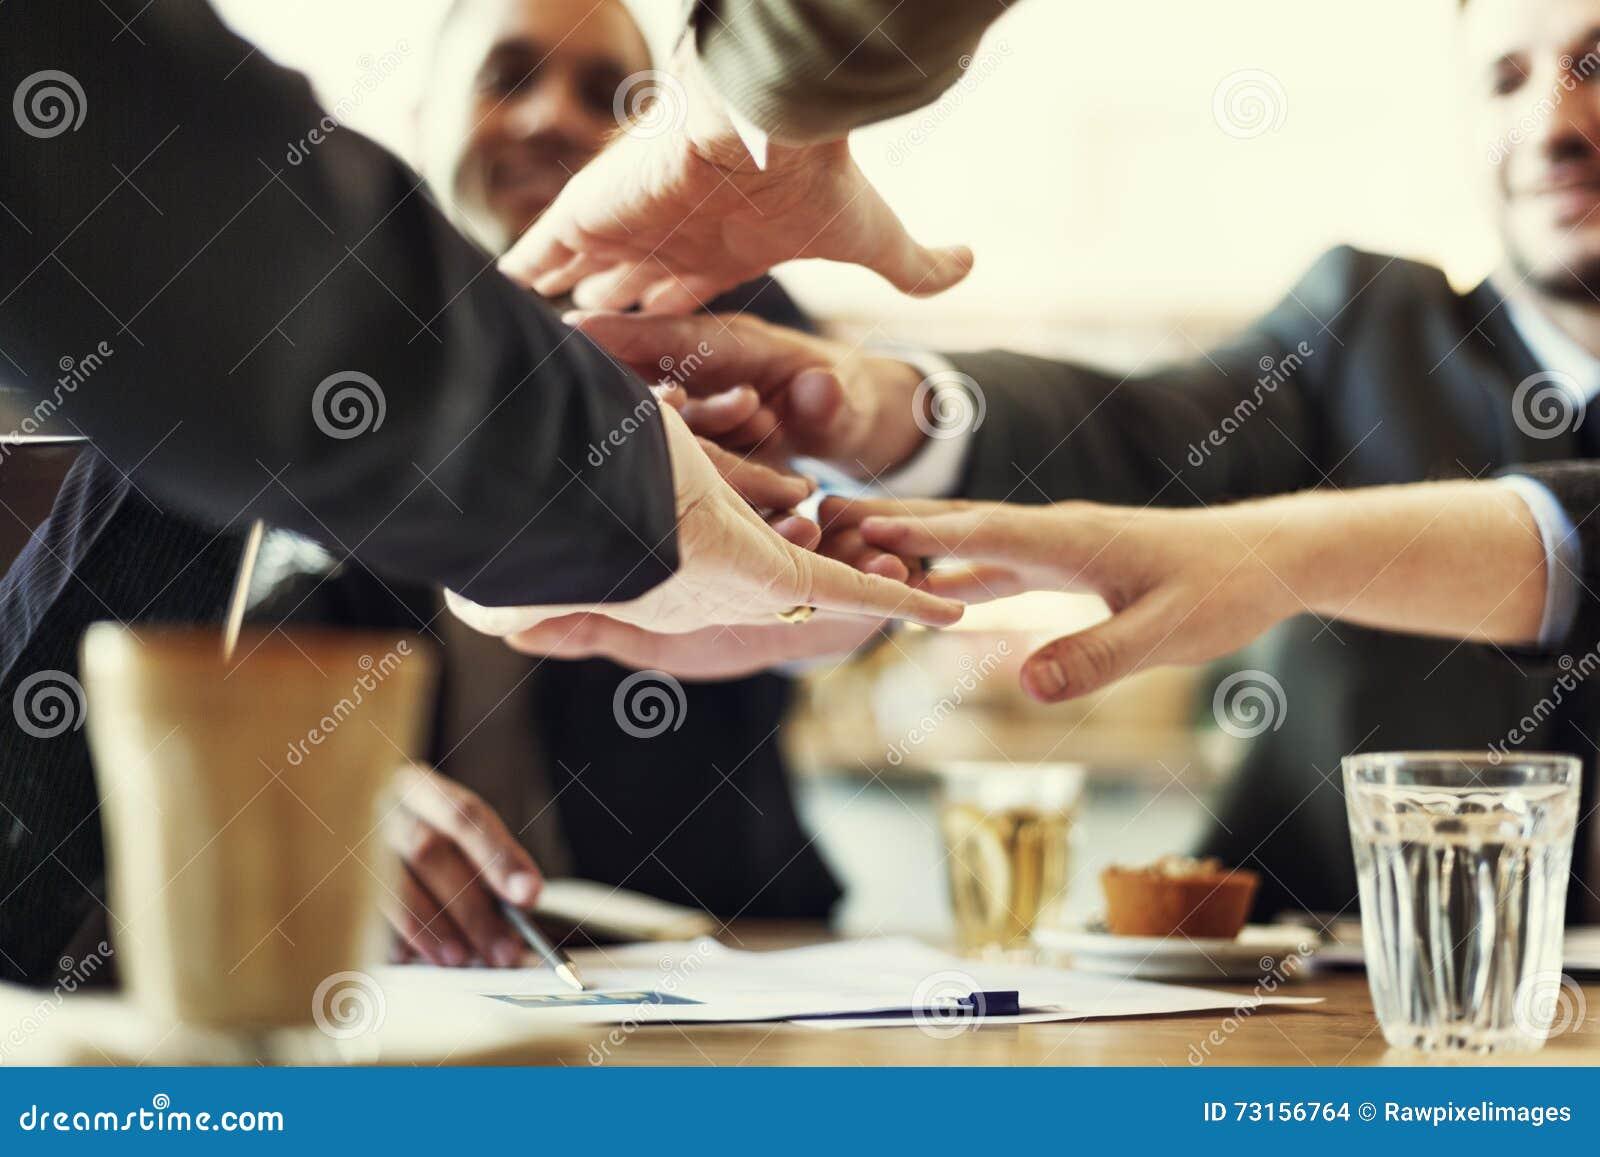 De mensenhand assembleert het Collectieve Concept van het Vergaderingsgroepswerk